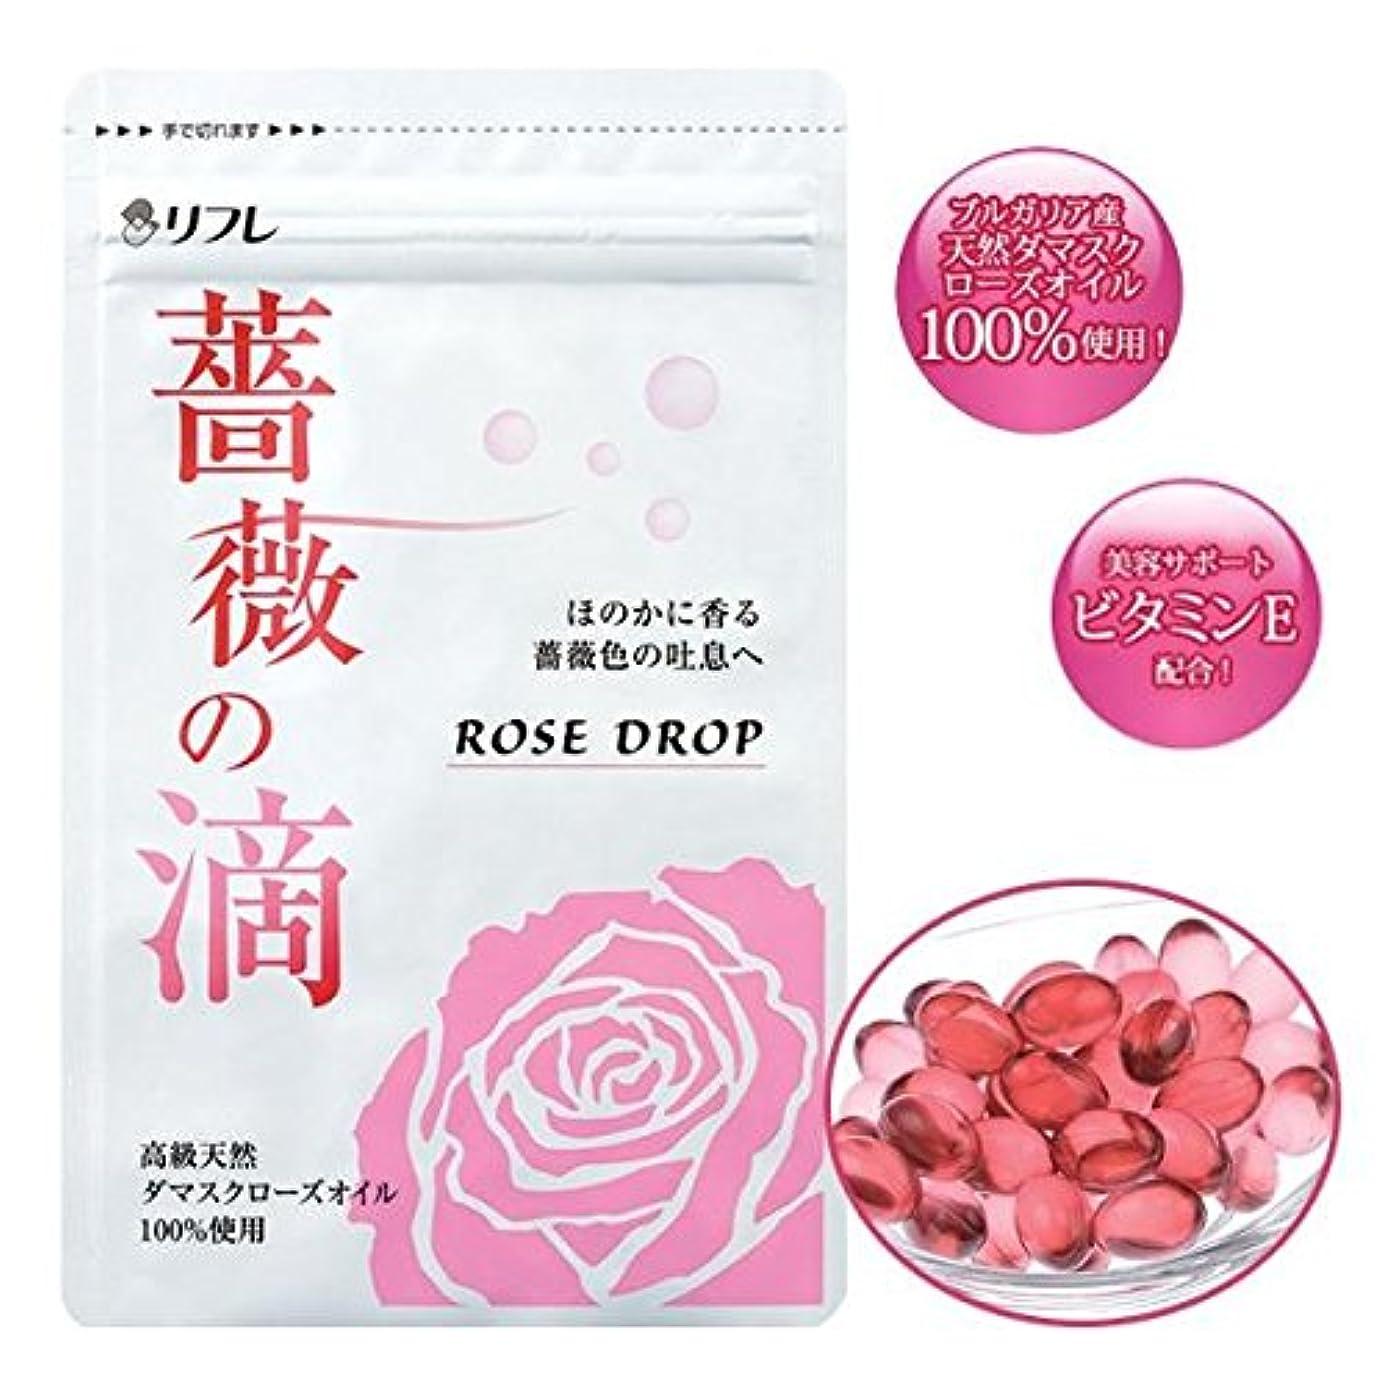 ブース助けになる勘違いするリフレ ローズサプリ 薔薇の滴(ばらのしずく) 1袋62粒(約1ヵ月分) 日本製 Japan